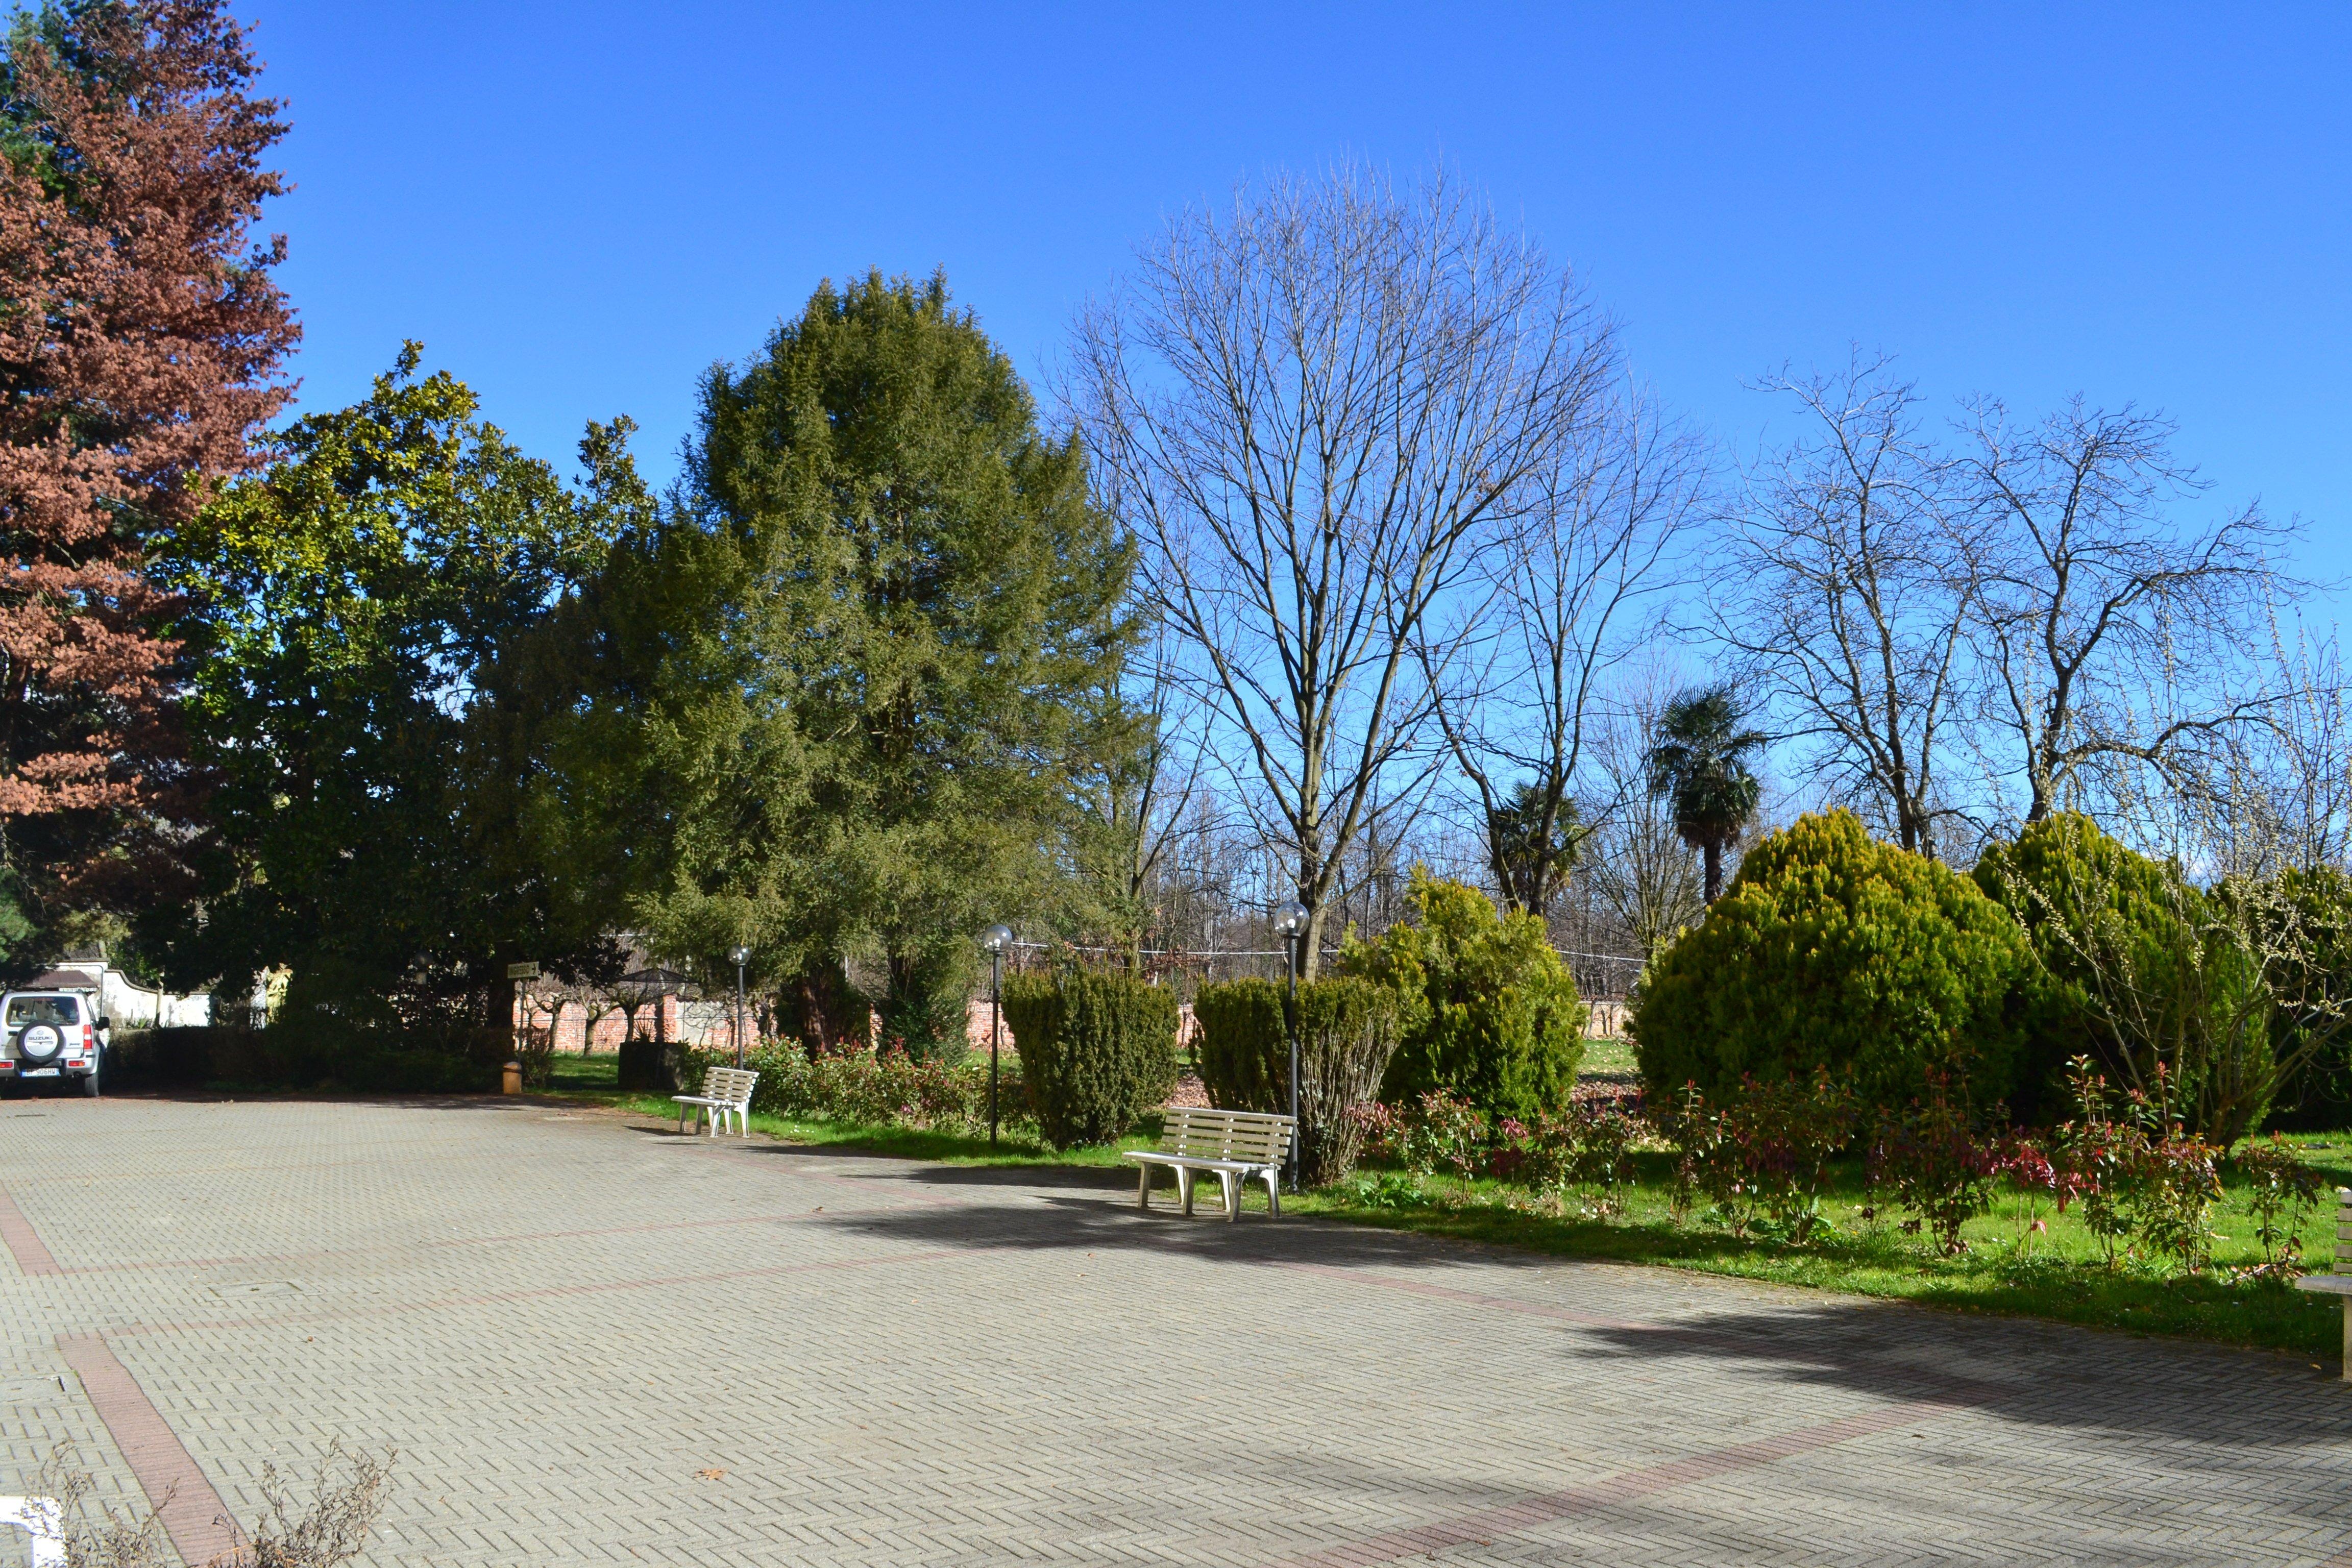 strata con aberi e giardini